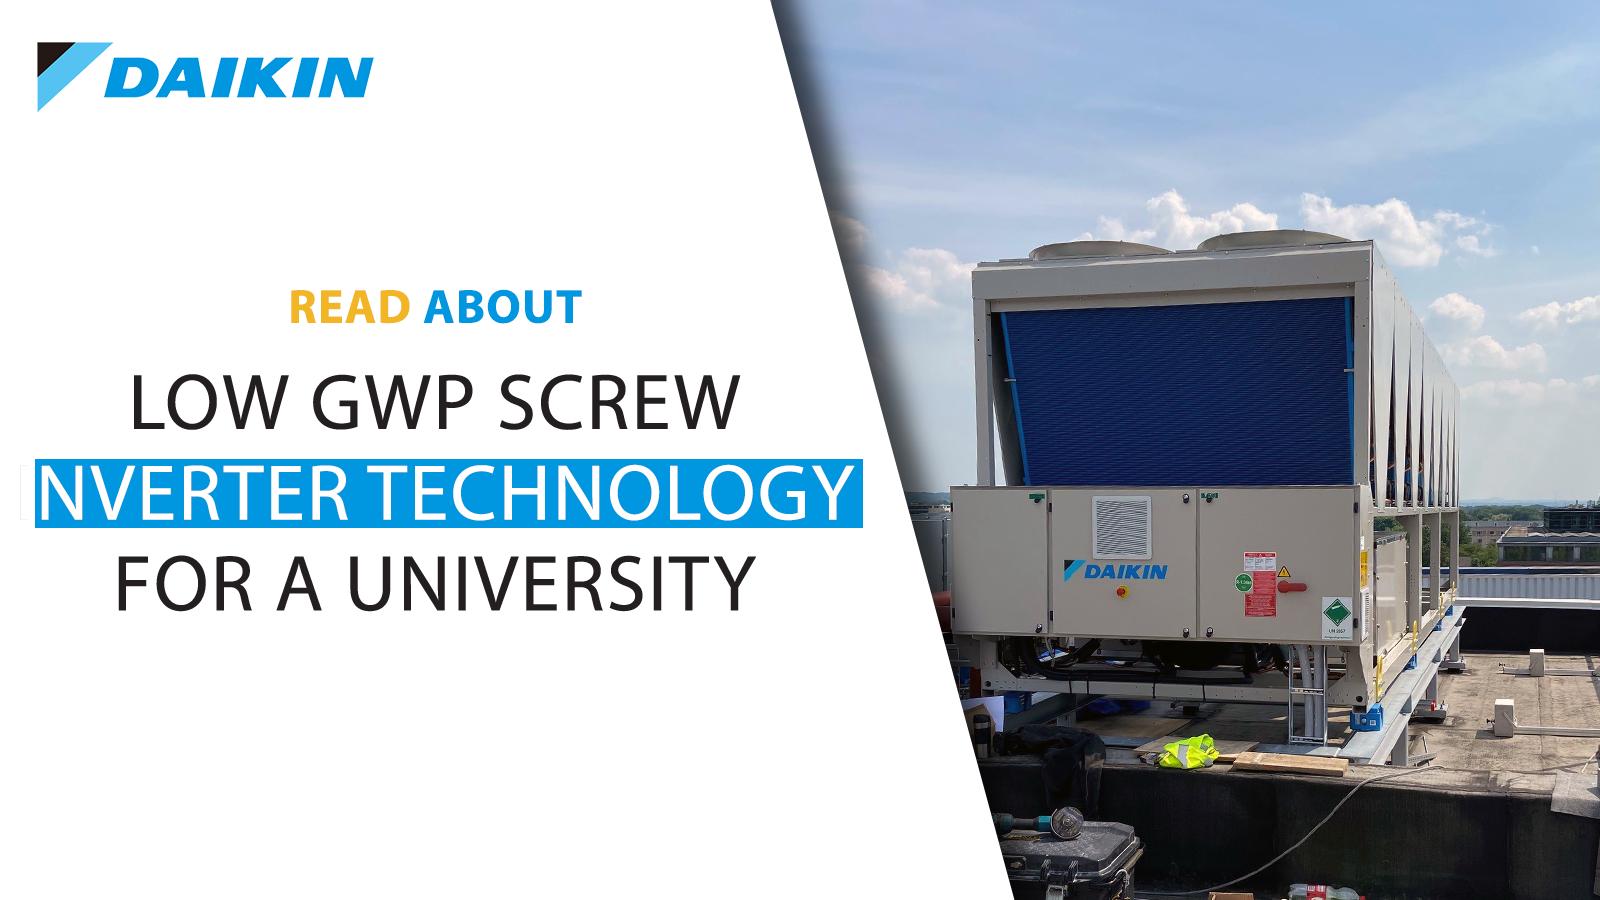 Low GWP screw inverter technology